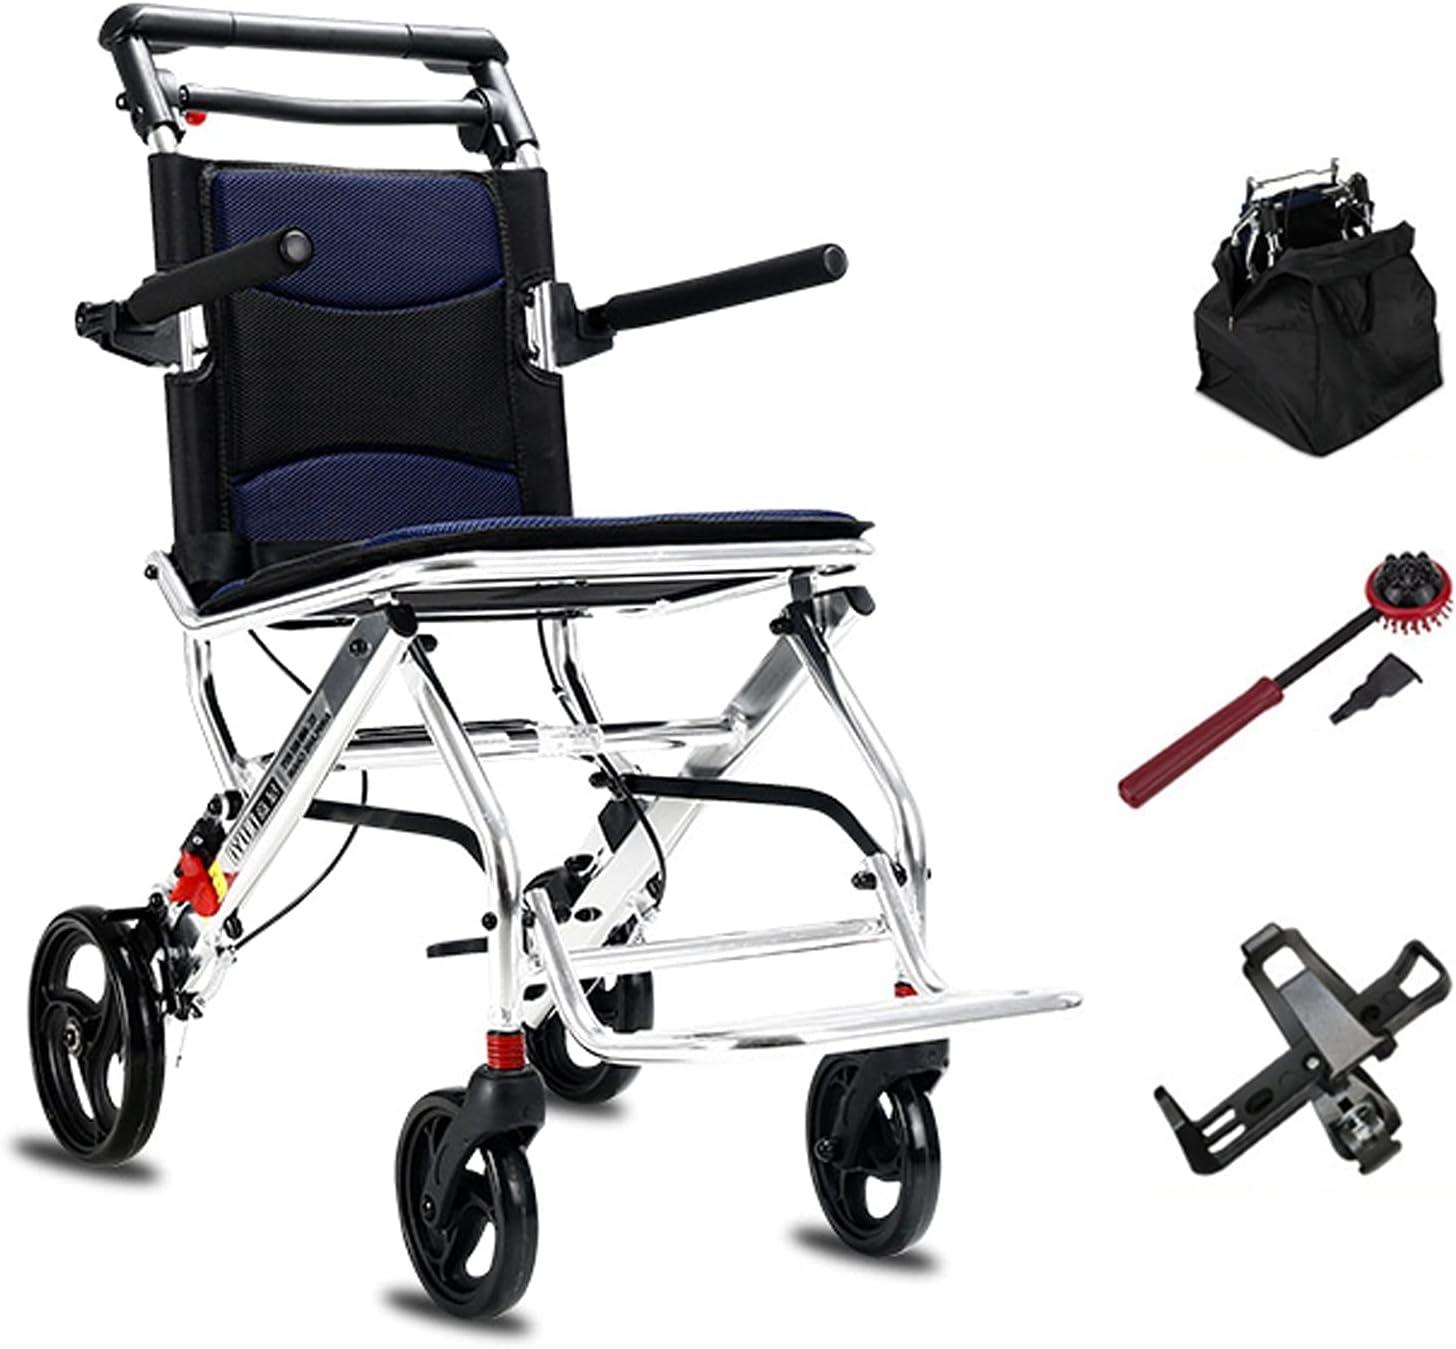 Silla de ruedas ultraligera Silla de ruedas de transporte ultralizante con silla de ruedas plegable con freno de mano y reposapiés Pequeños ancianos discapacitados Carro de silla de ruedas, pesa 21 li